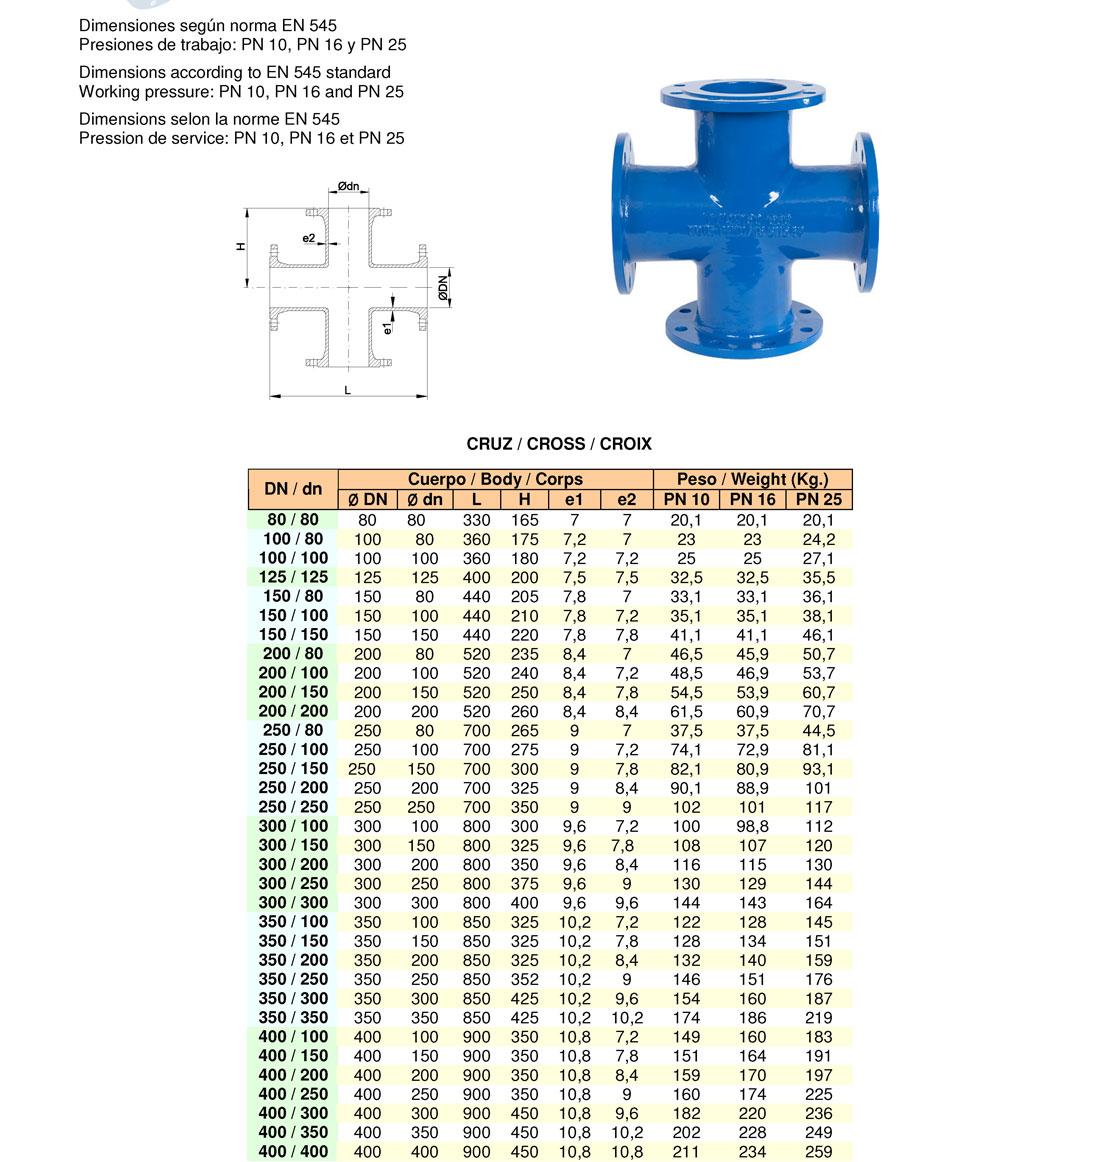 Cruz de bridas fijas. FMK Hidraulic Supplies.